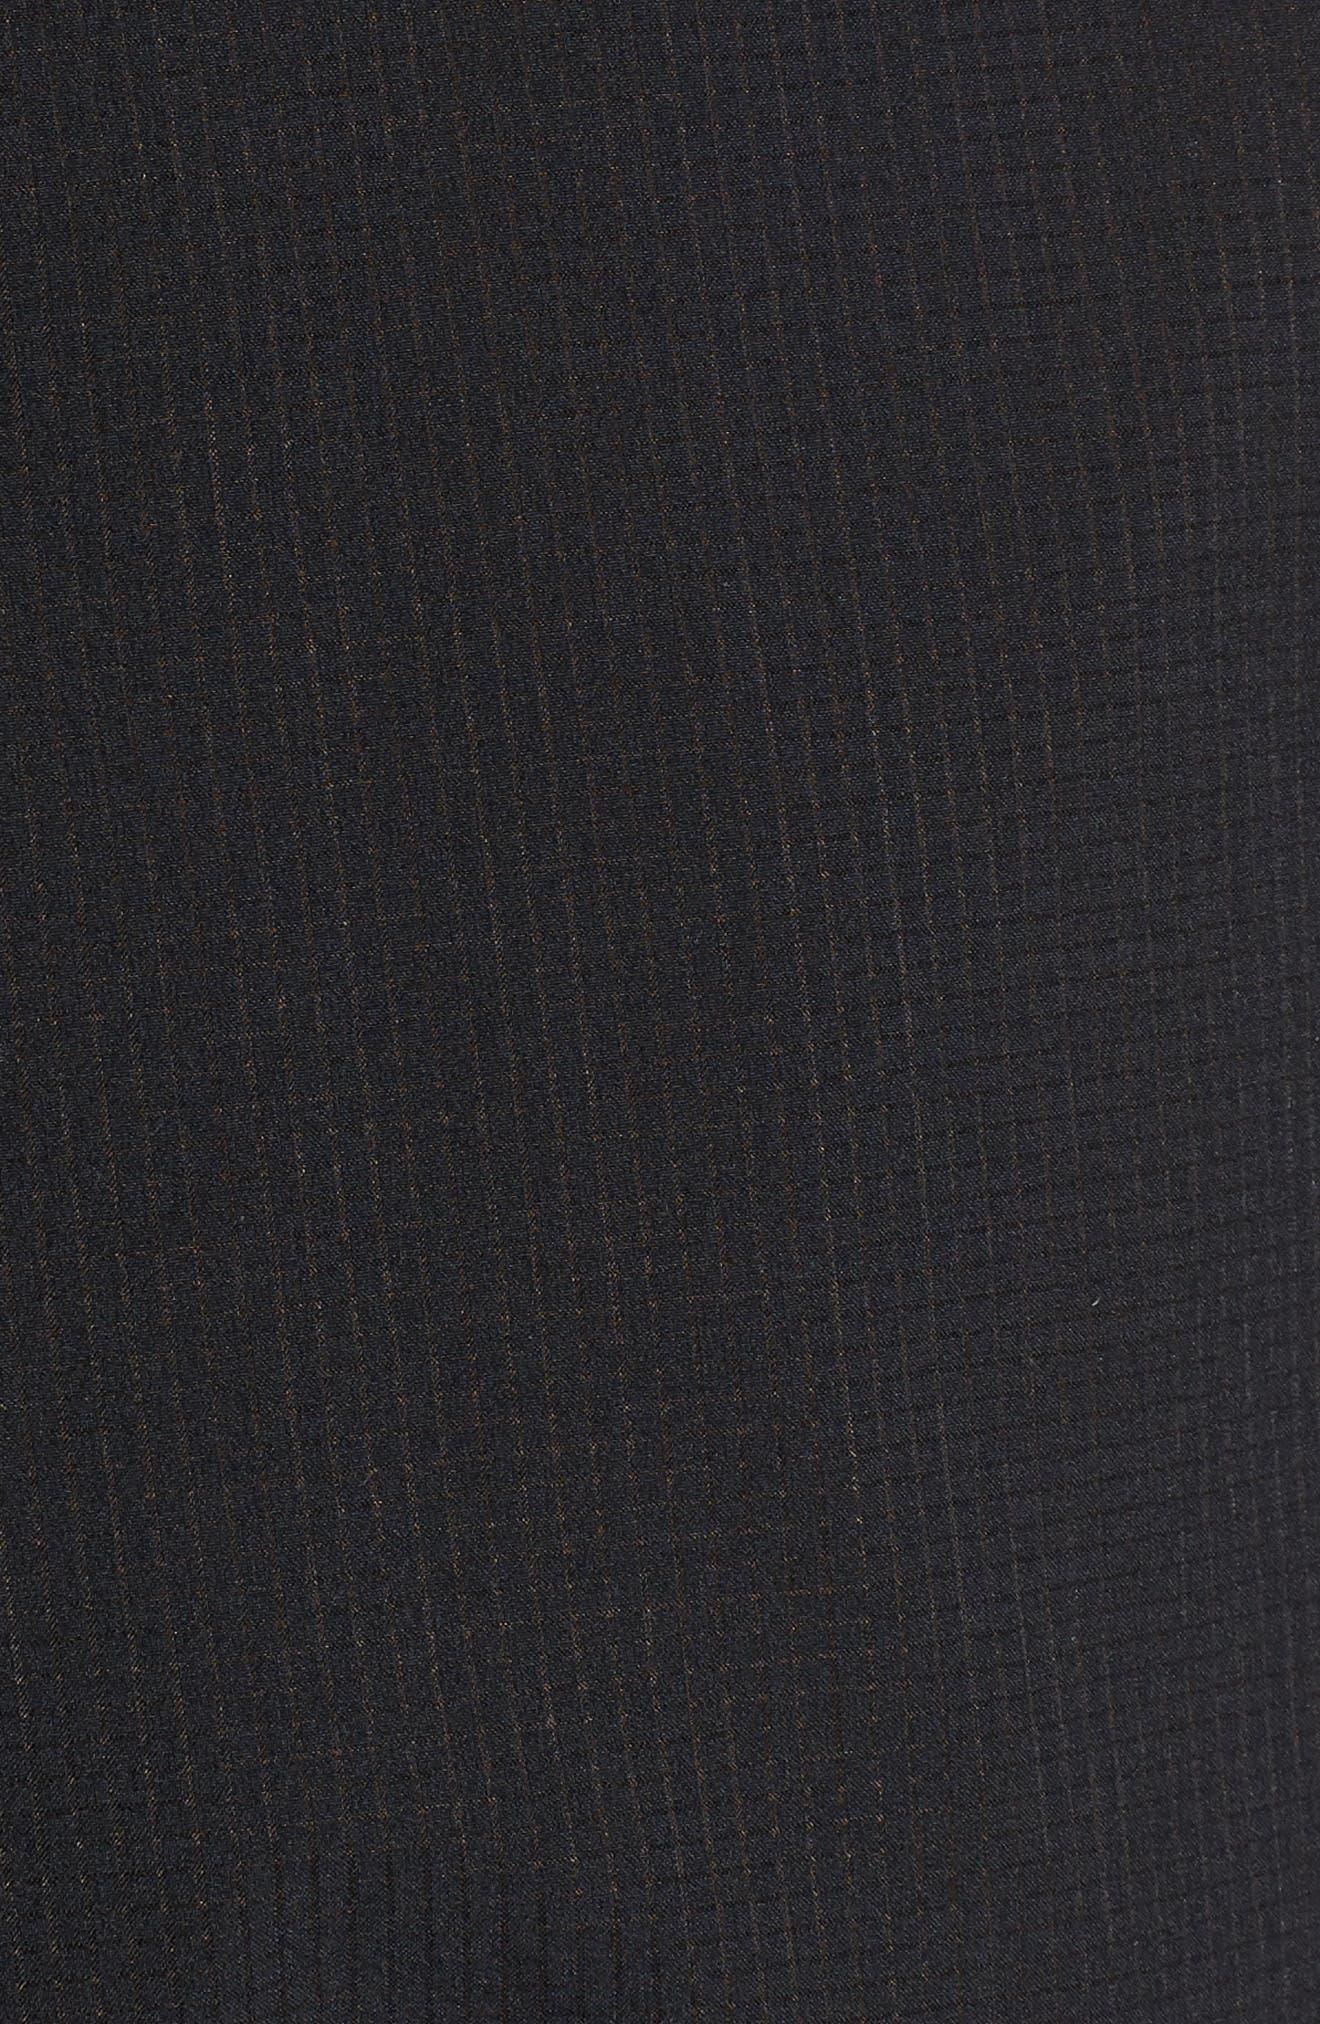 Epic Knit Shorts,                             Alternate thumbnail 5, color,                             BLACK